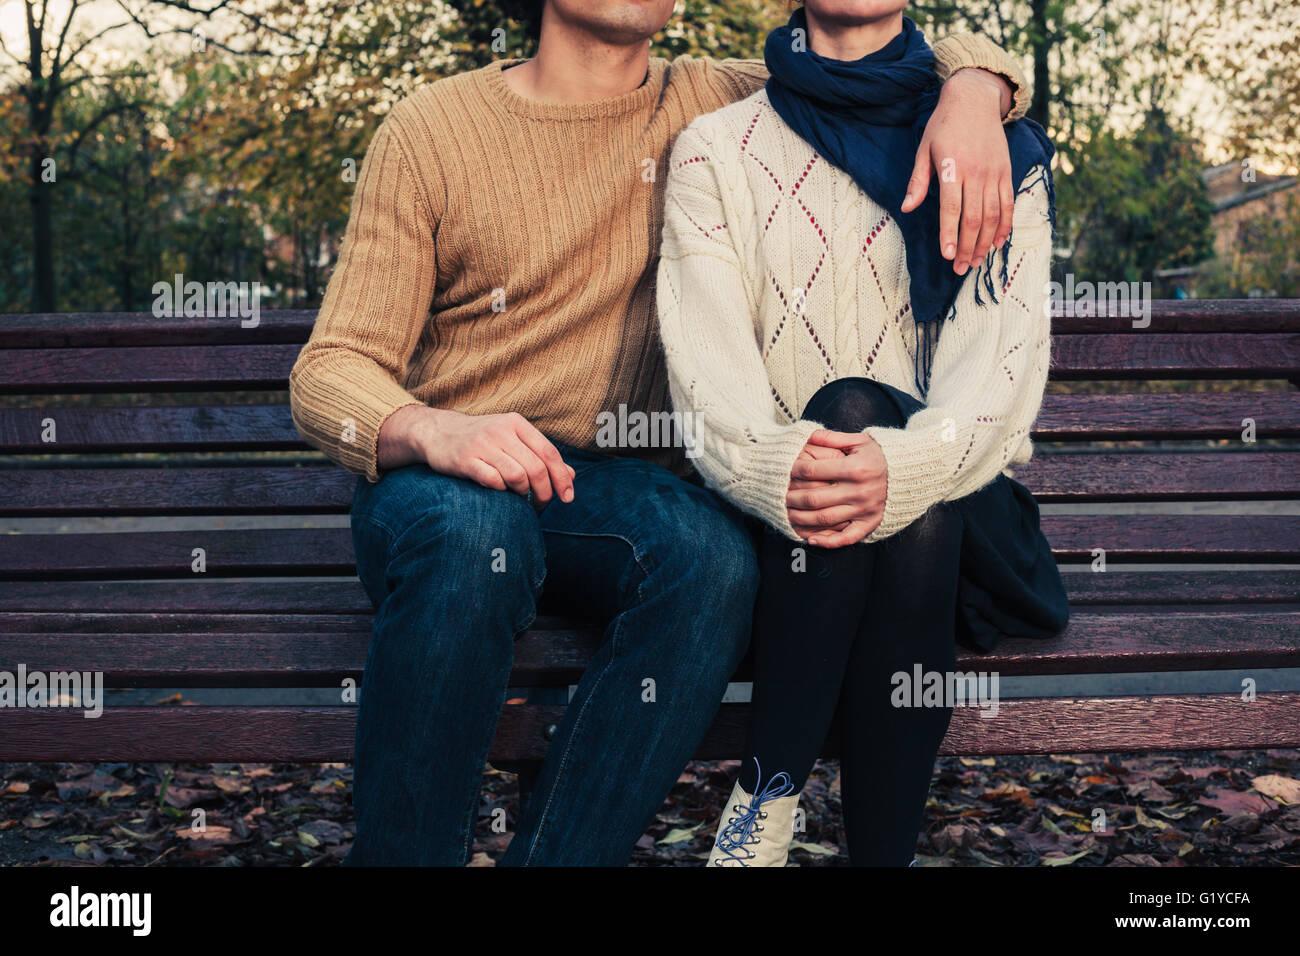 Ein junges Paar sitzt und halten einander auf einer Parkbank im Herbst Stockbild